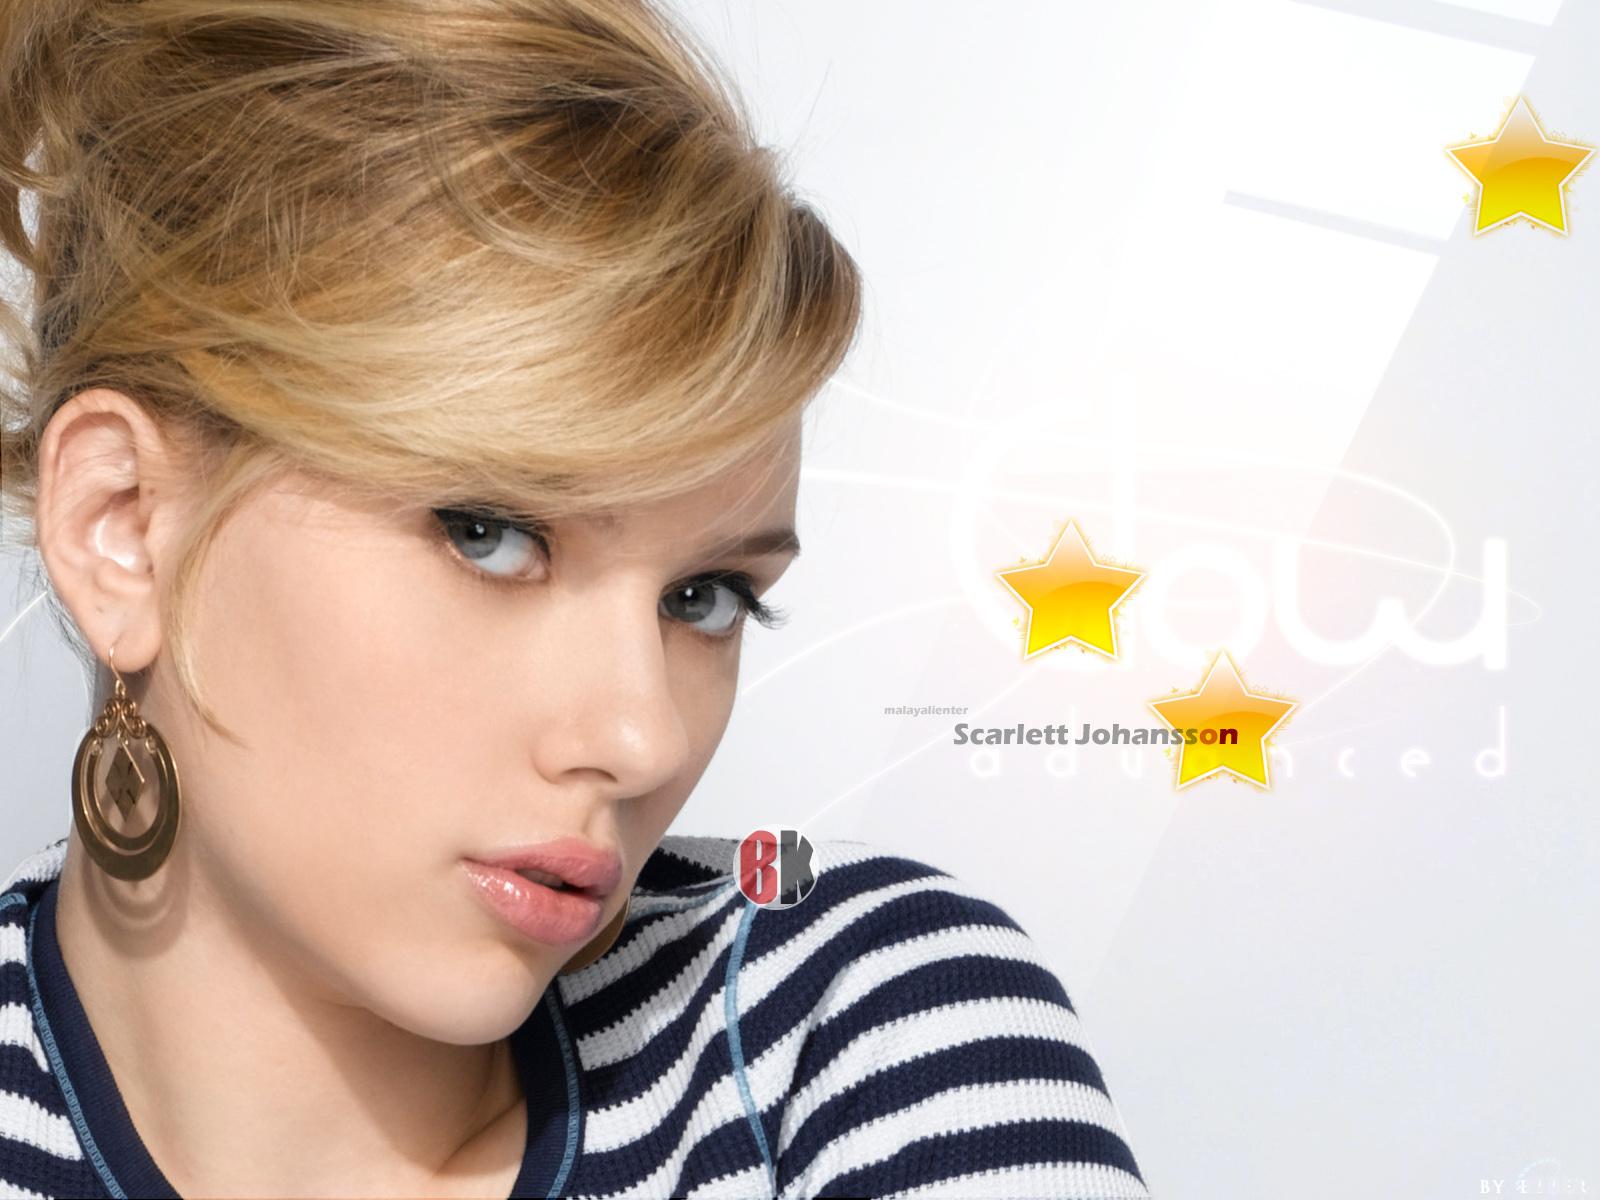 http://3.bp.blogspot.com/-Rm3okiVXMII/TbMlSLW-F0I/AAAAAAAABzE/aYG2OQQAqSg/s1600/sca23bon.jpg